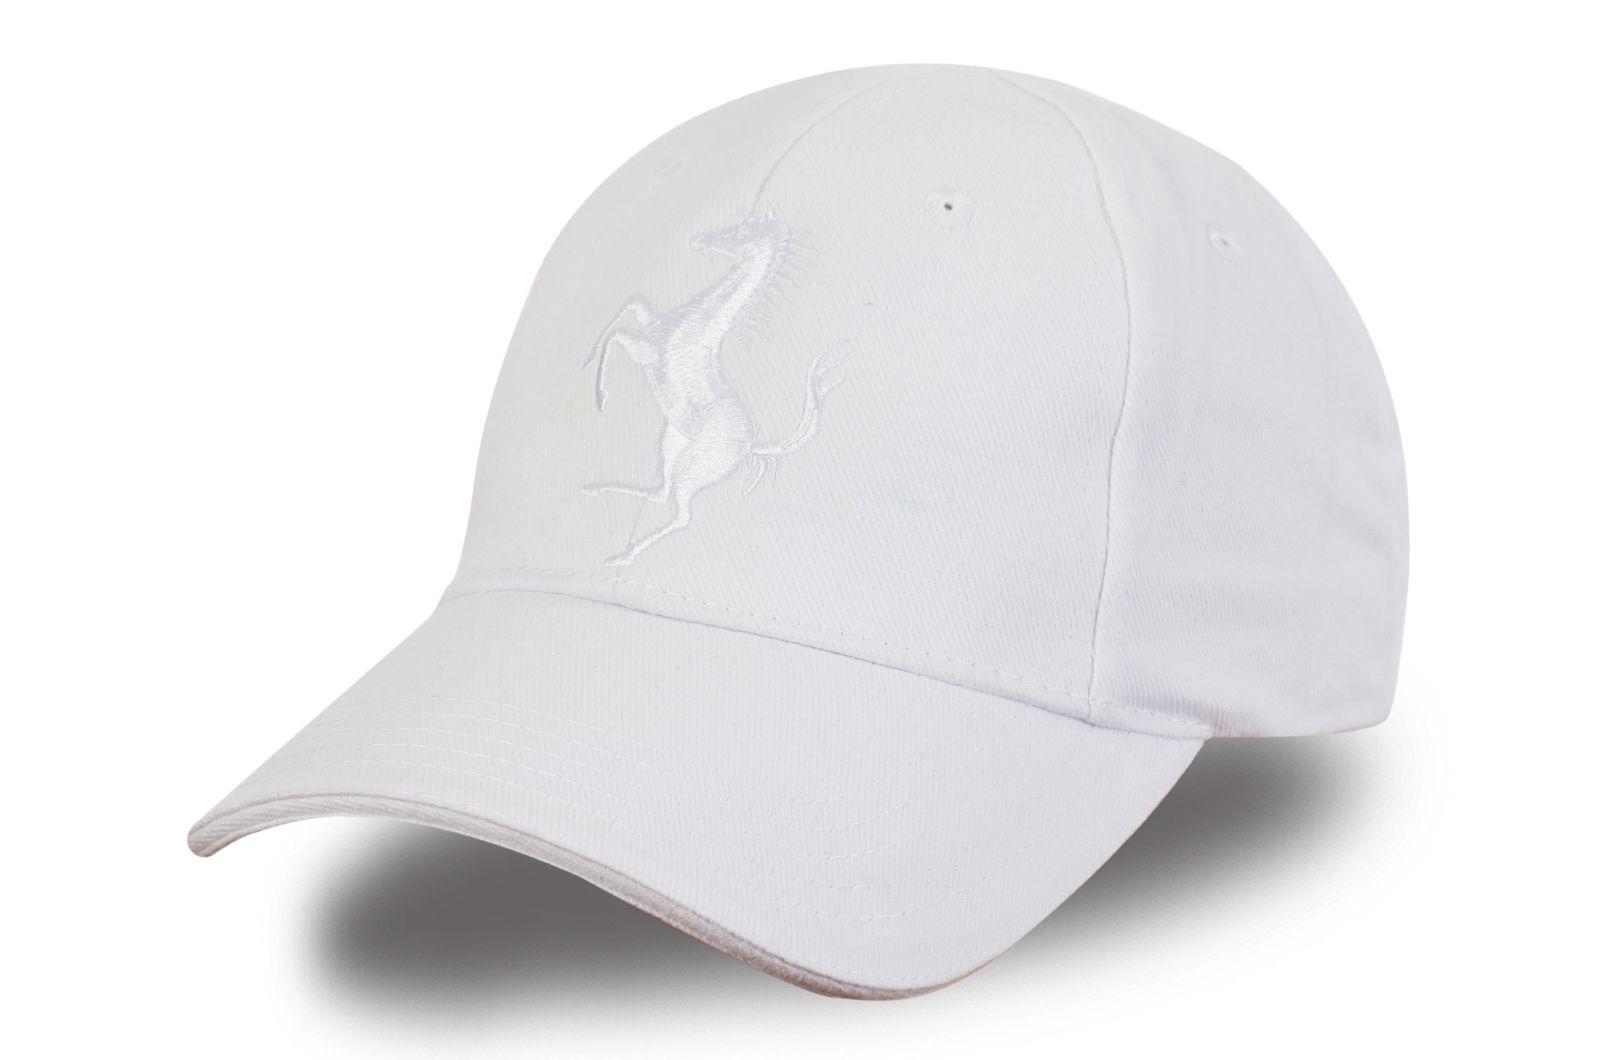 Белая бейсболка с логотипом - купить в интернет-магазине с доставкой